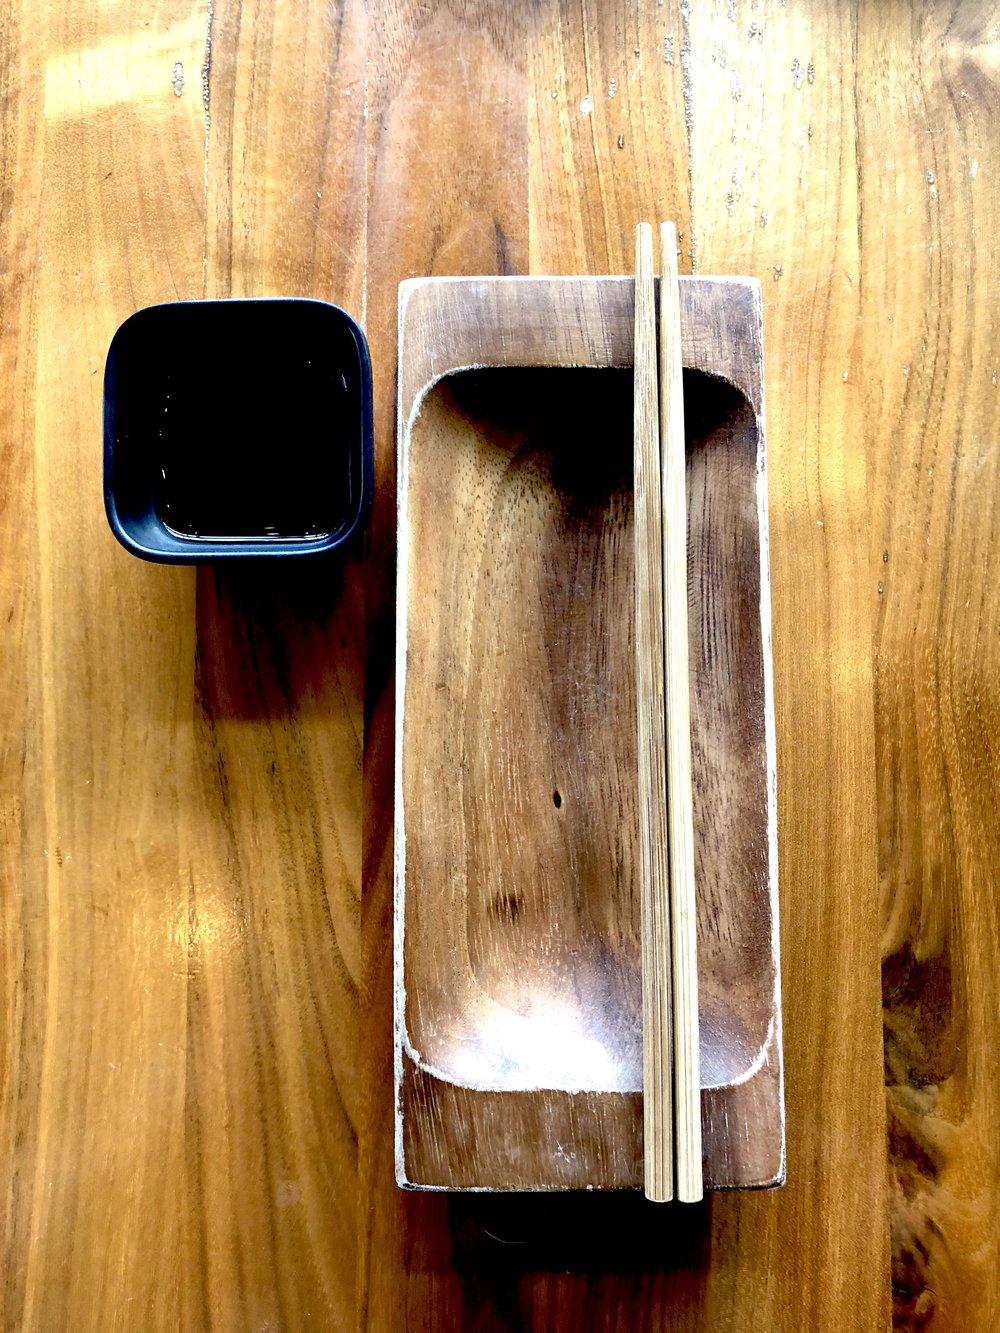 Plate & chopsticks